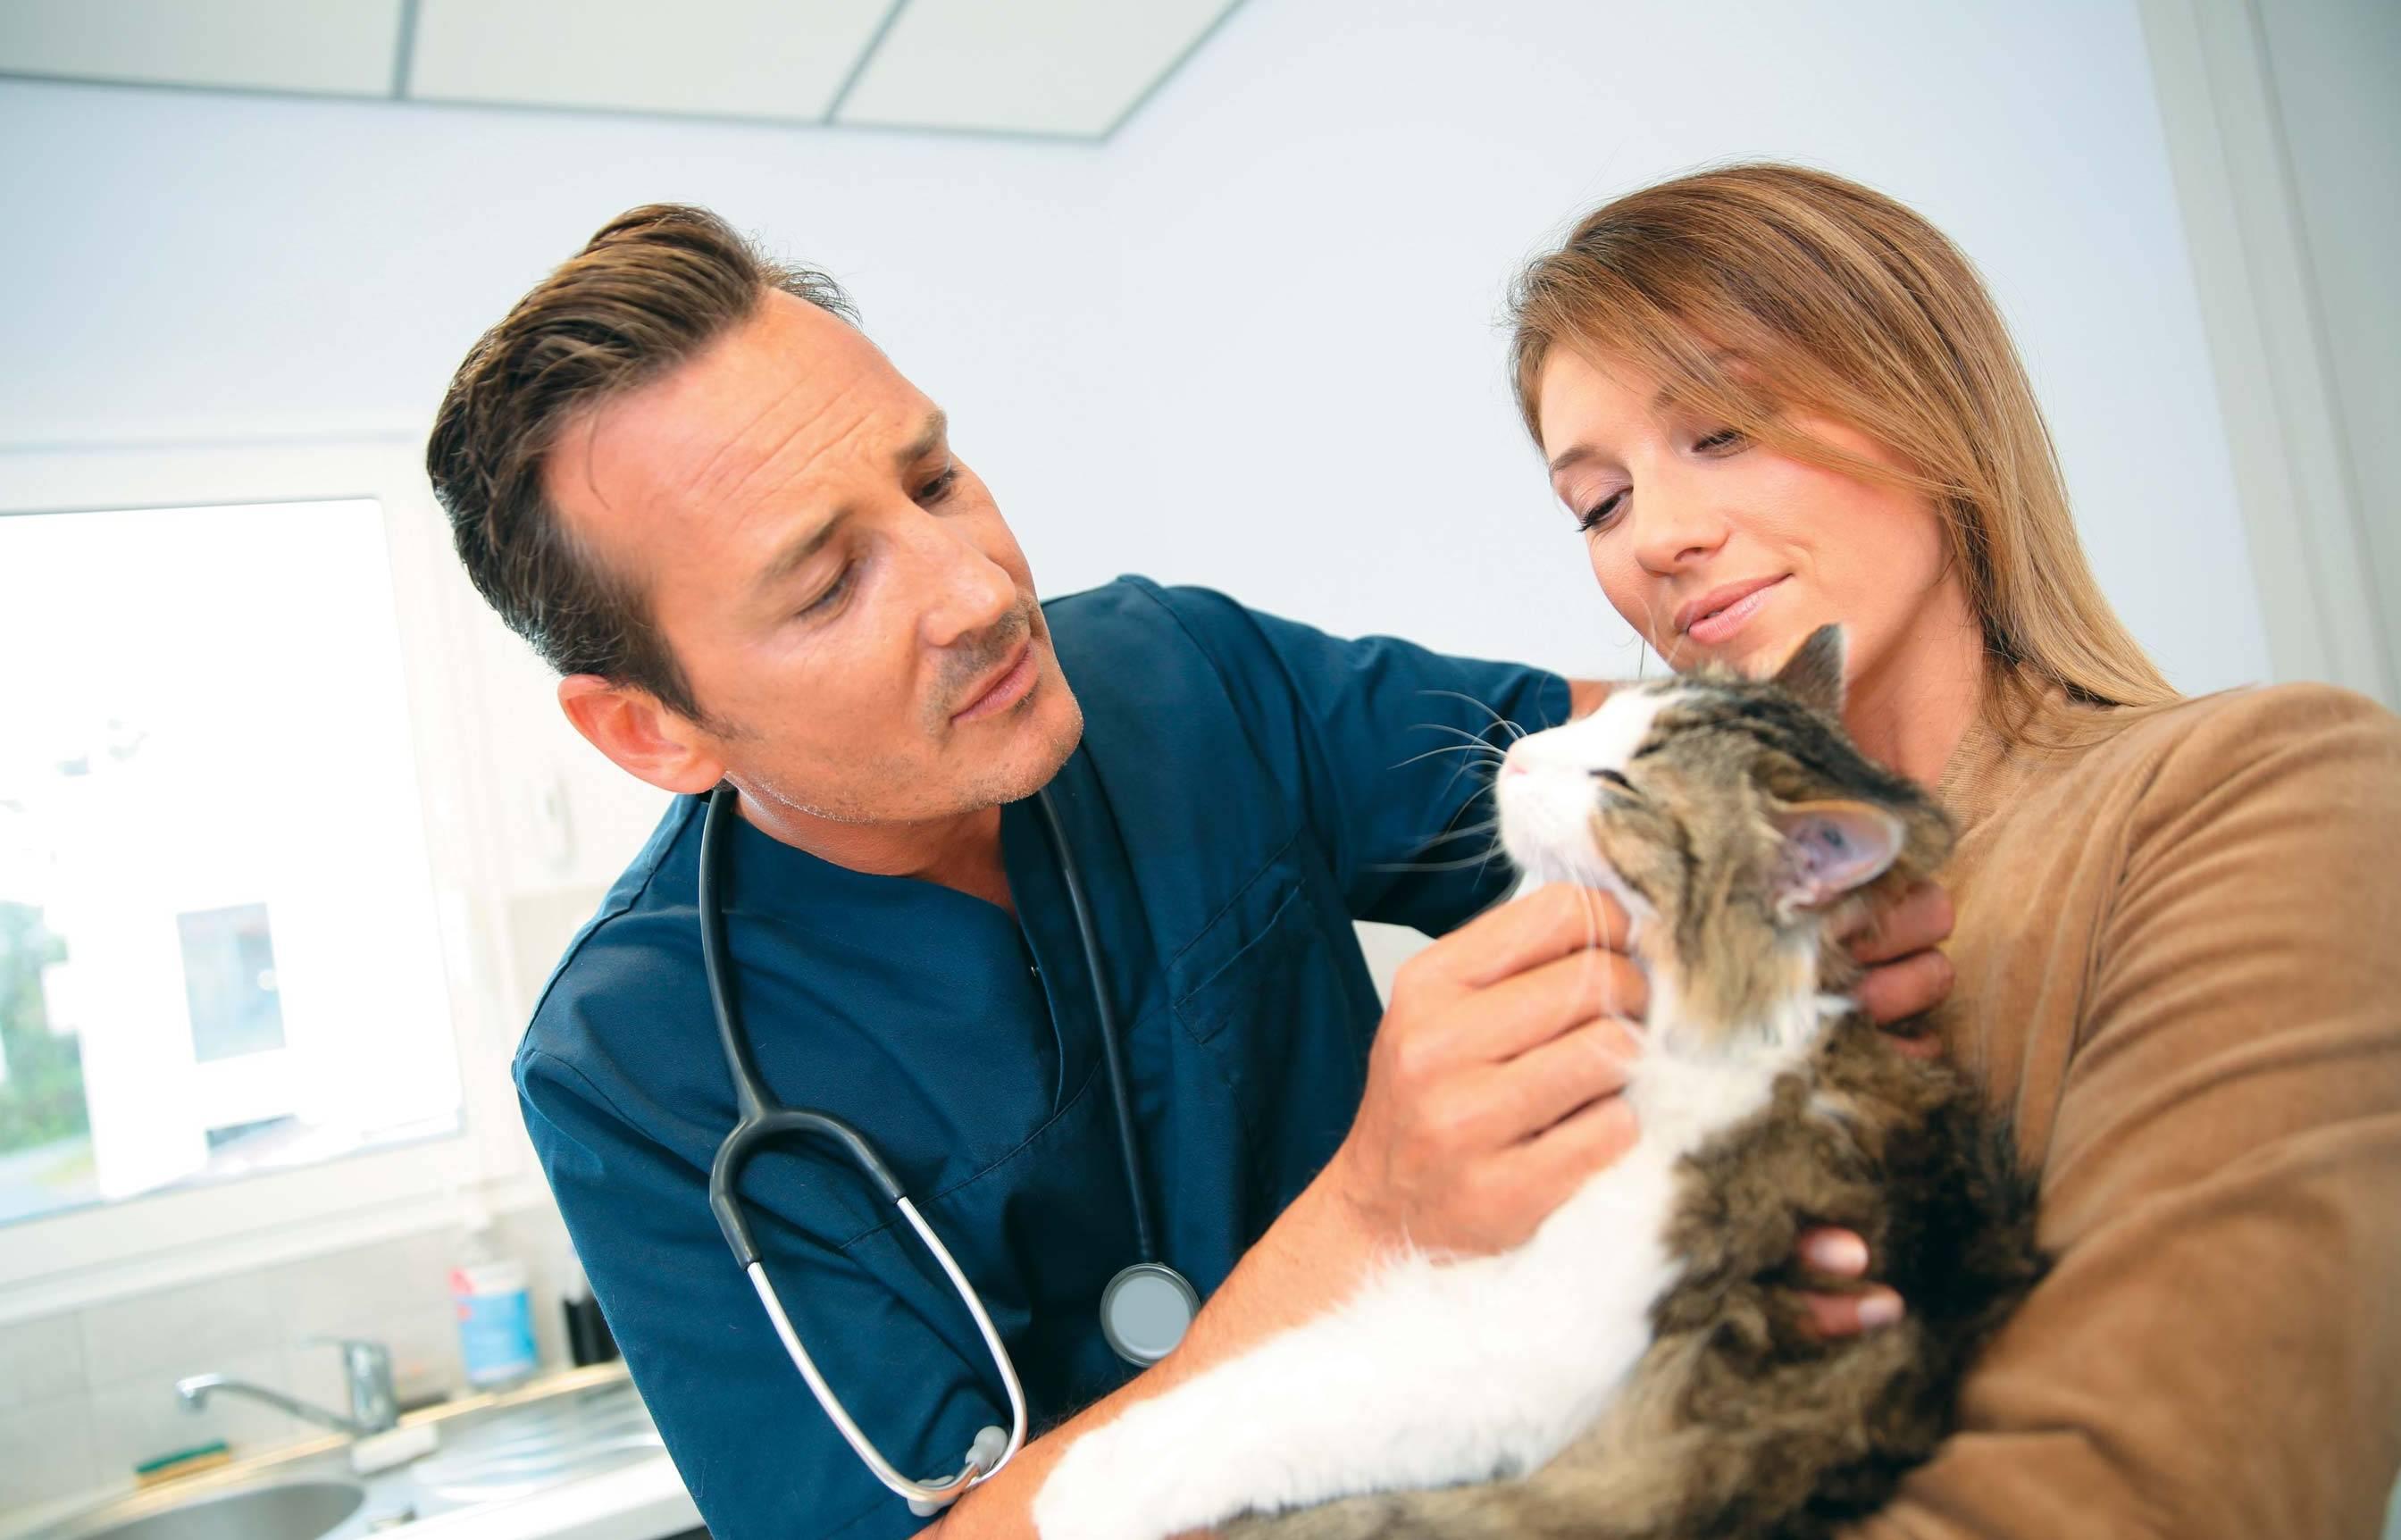 Нужно ли кастрировать домашнего кота, если он не выходит на улицу из квартиры: мнение ветеринара